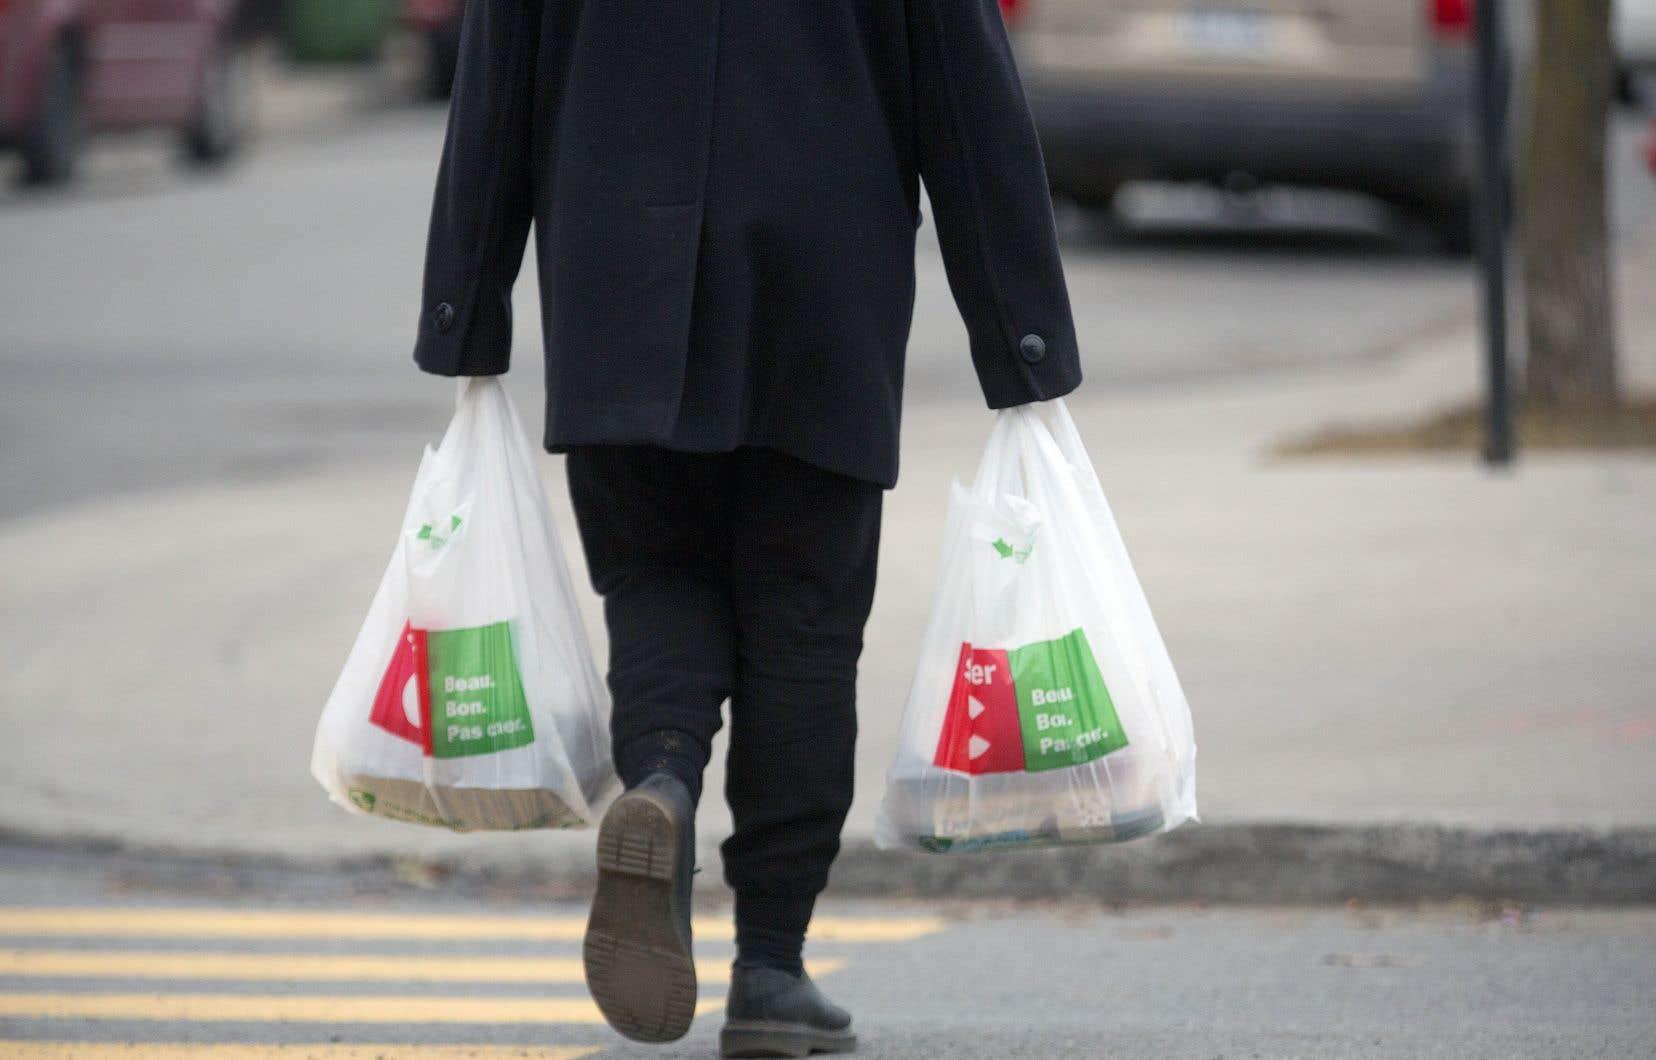 <p>L'interdiction ne devrait pas entrer en vigueur avant six à douze mois, pour donner aux consommateurs le temps de prendre l'habitude d'apporter des sacs réutilisables.</p>